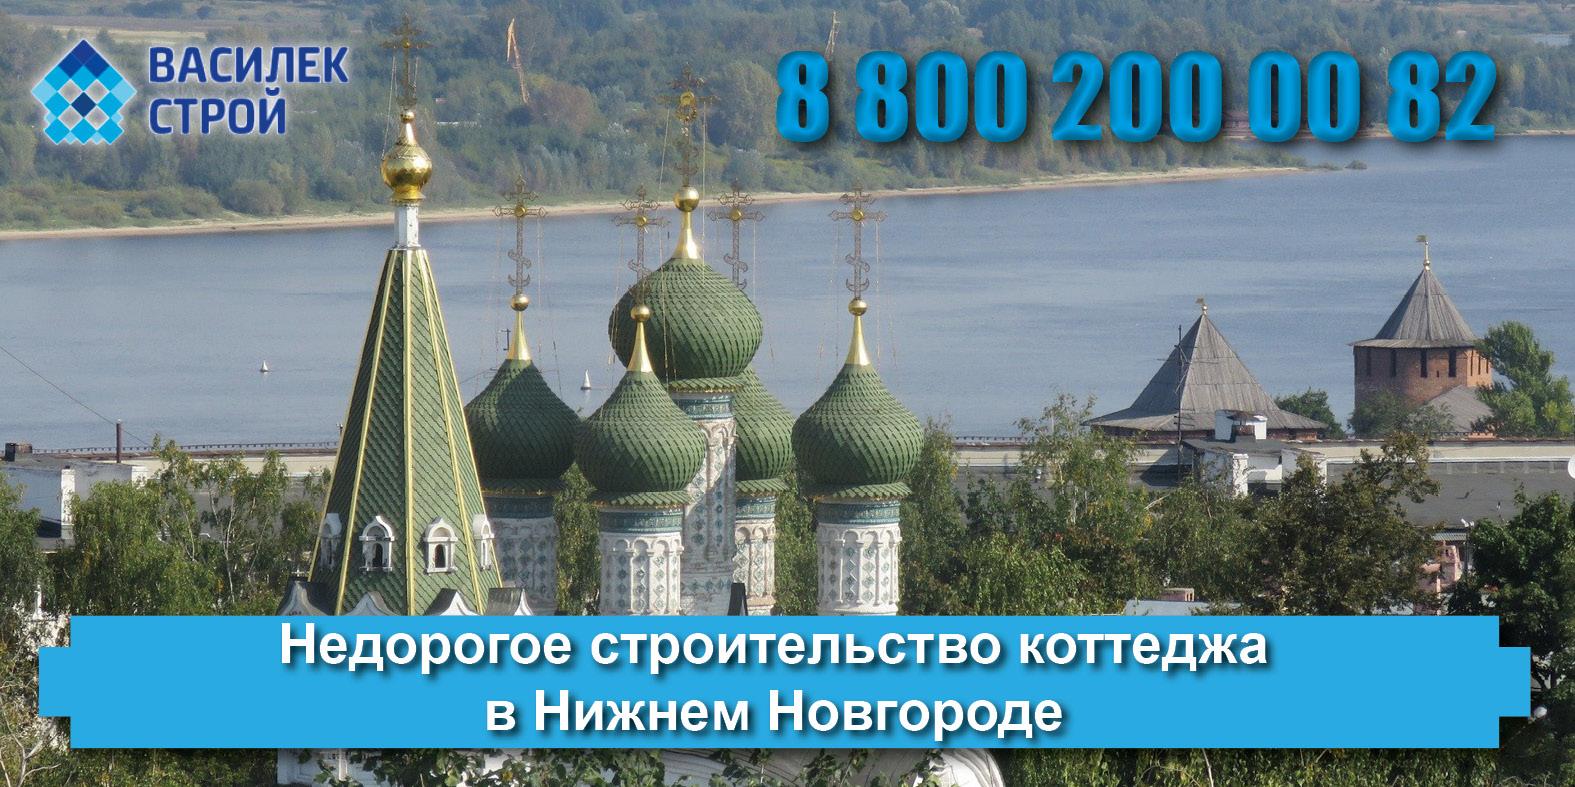 Недорогое строительство коттеджа в Нижнем Новгороде